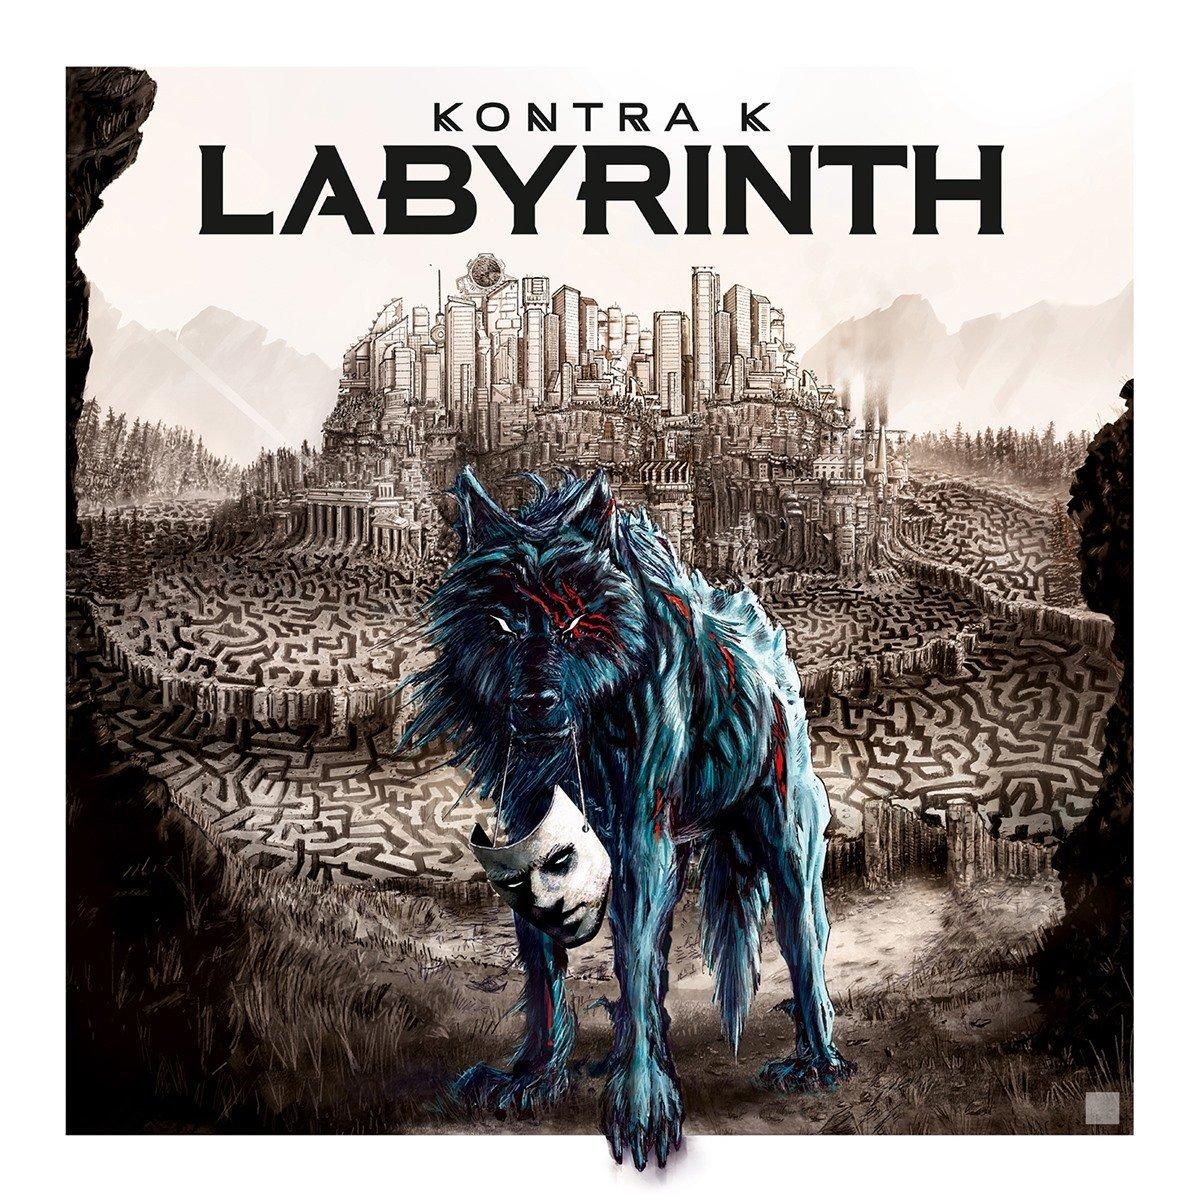 Labyrinth von Kontra K - CD jetzt im Loyal Shop